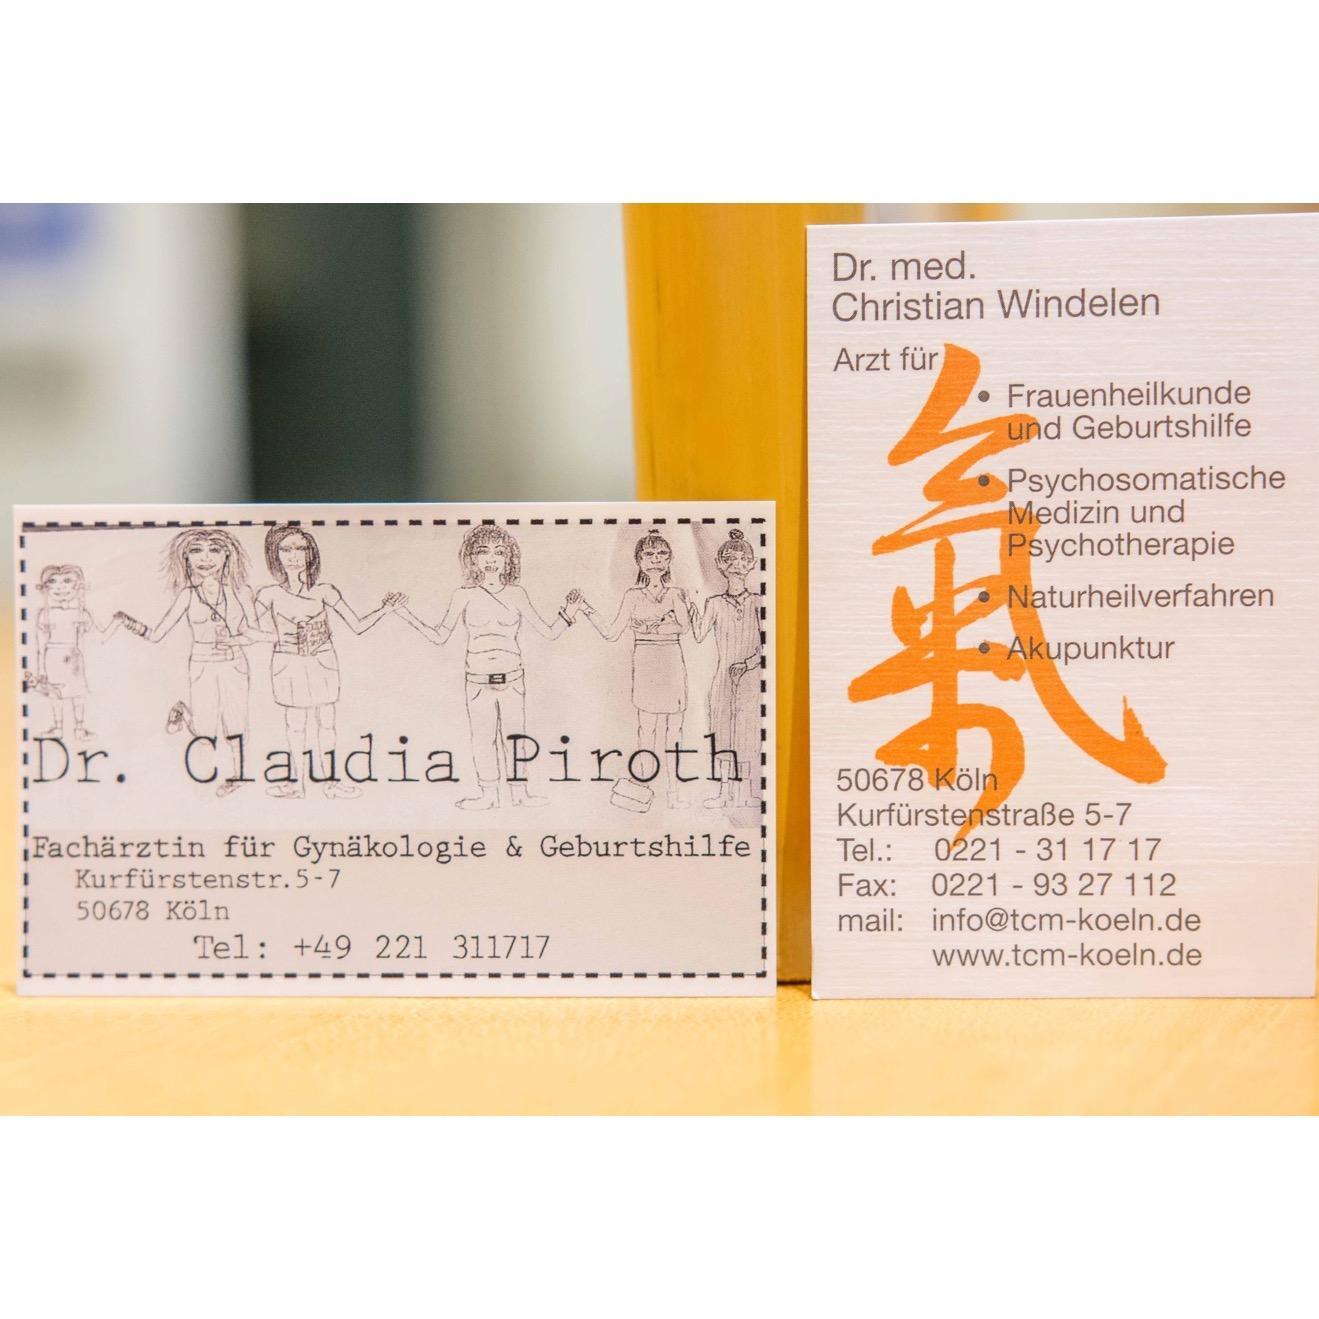 Bild zu Frauenarzt Dr. Christian Windelen in Köln